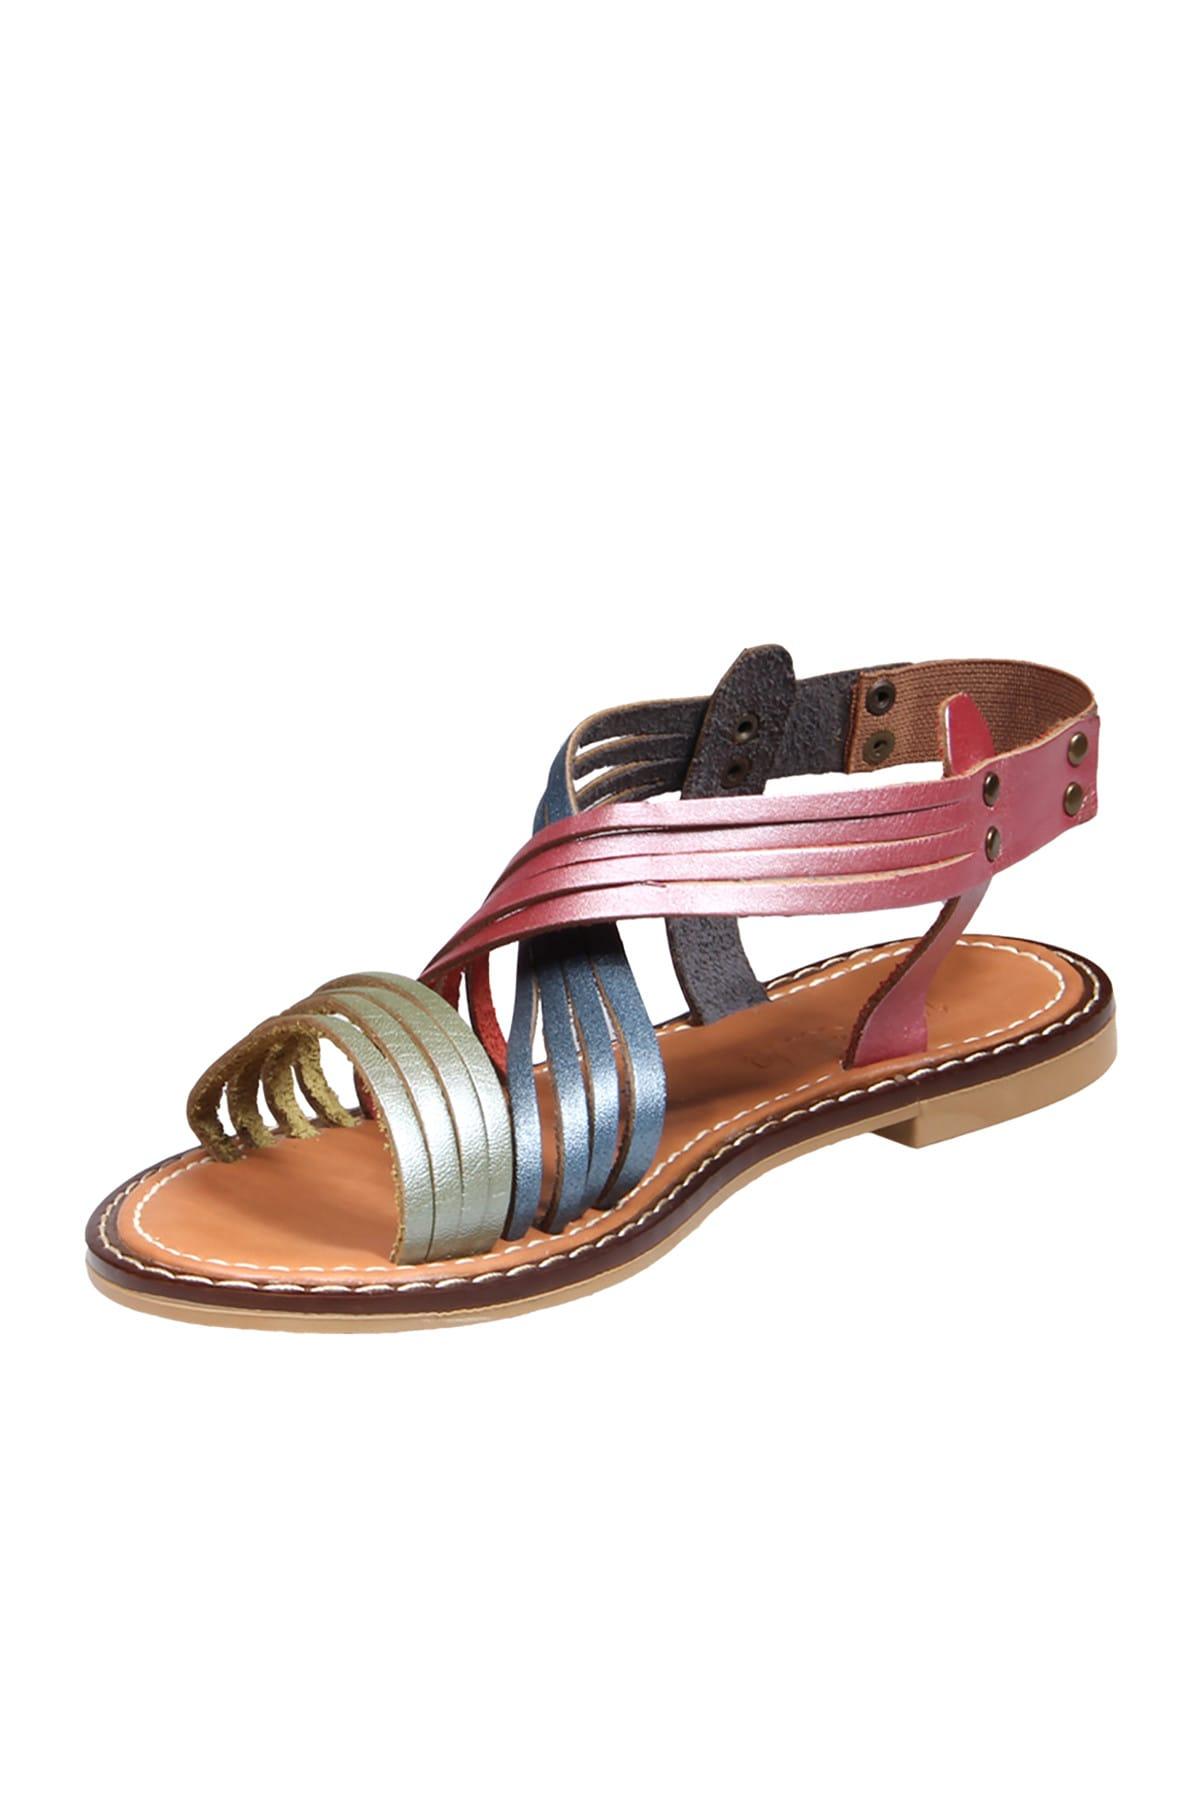 MP Kadın Sandalet - 191-7628ZN 2